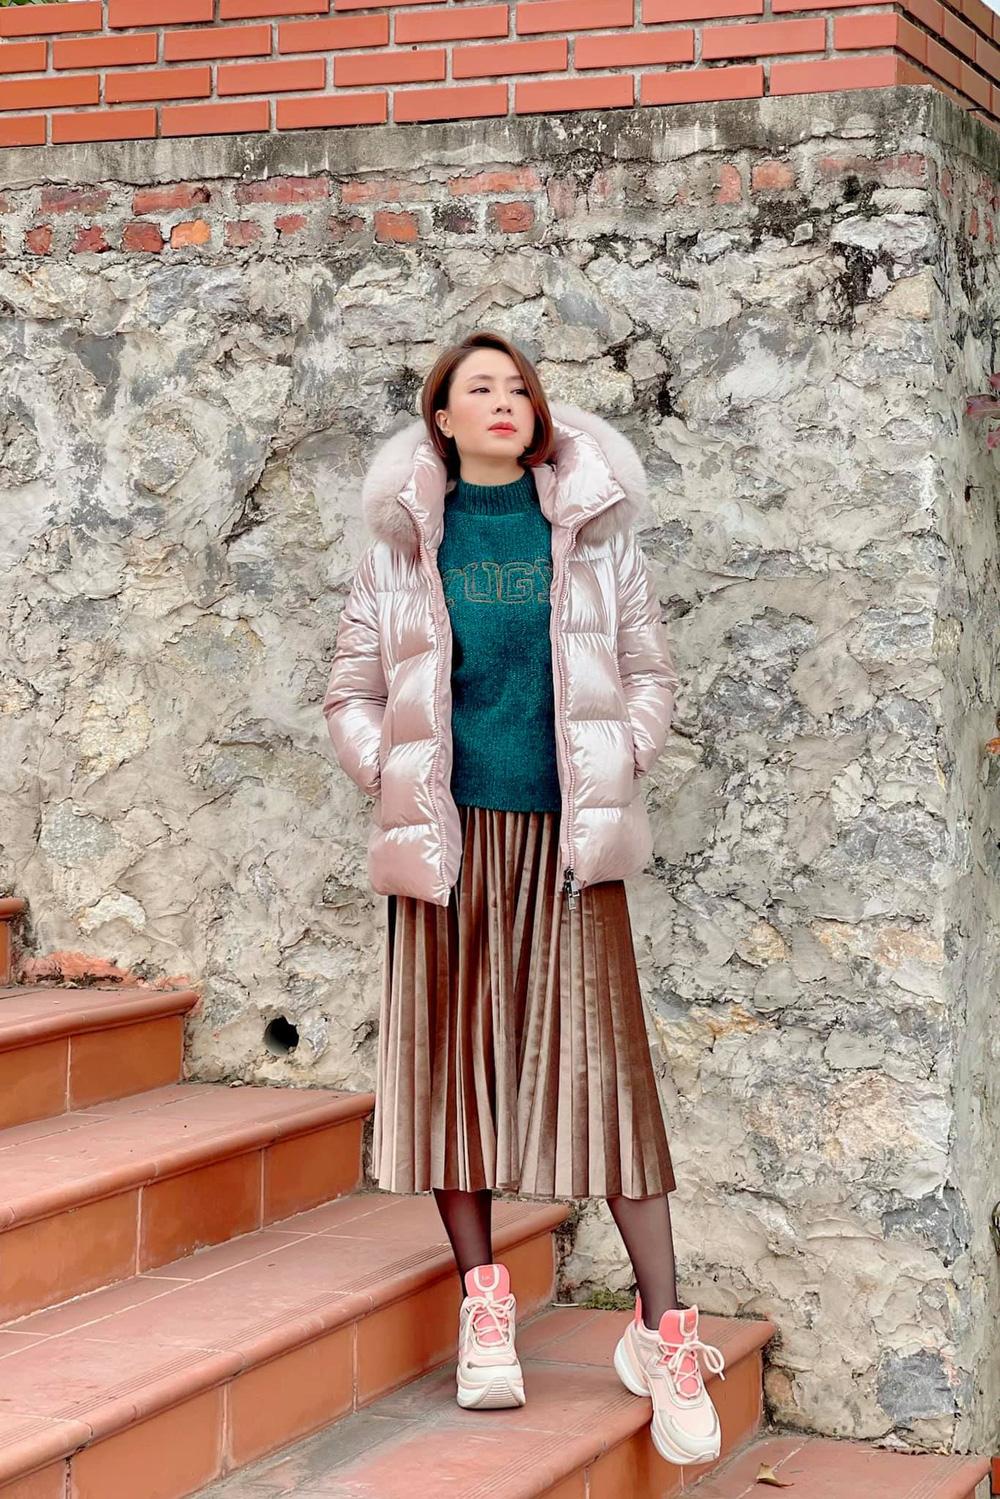 Hướng dương ngược nắng: Ngắm loạt set đồ mới đủ phong cách của Châu (Hồng Diễm) trong phần 2 - Ảnh 7.